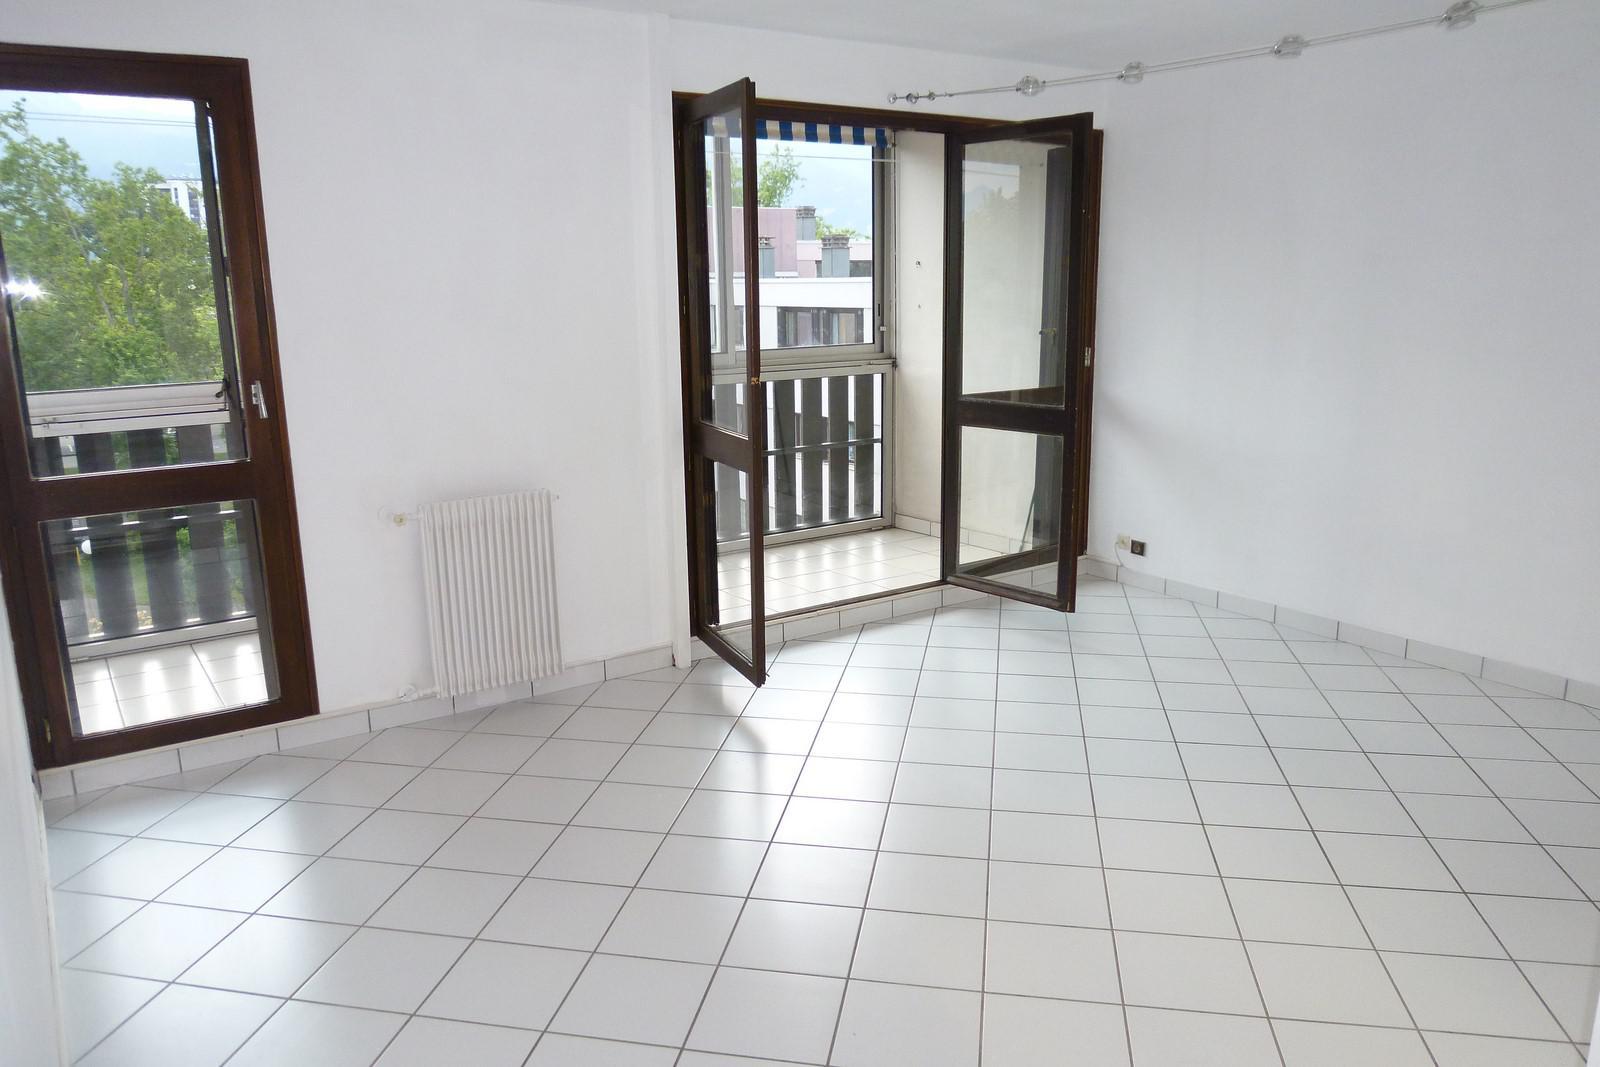 Location appartement Grenoble: tout savoir sur le PàP